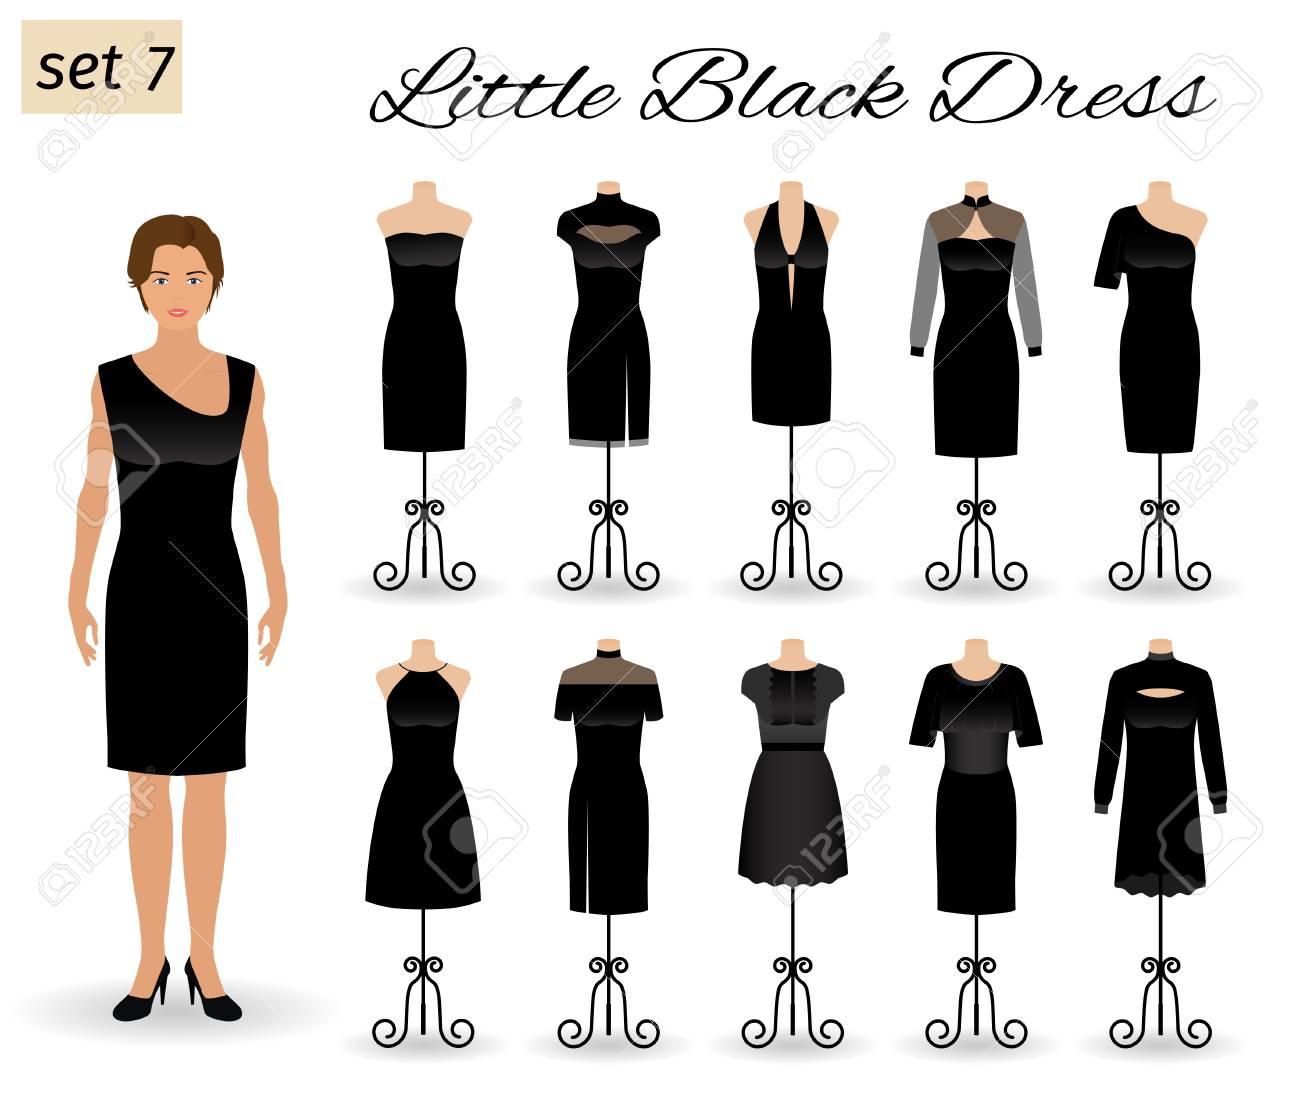 2b87637159c Banque d images - Personnage modèle de femme vêtu d une petite robe noire.  Ensemble de robes de cocktail sur mannequins. Illustration vectorielle  plate.